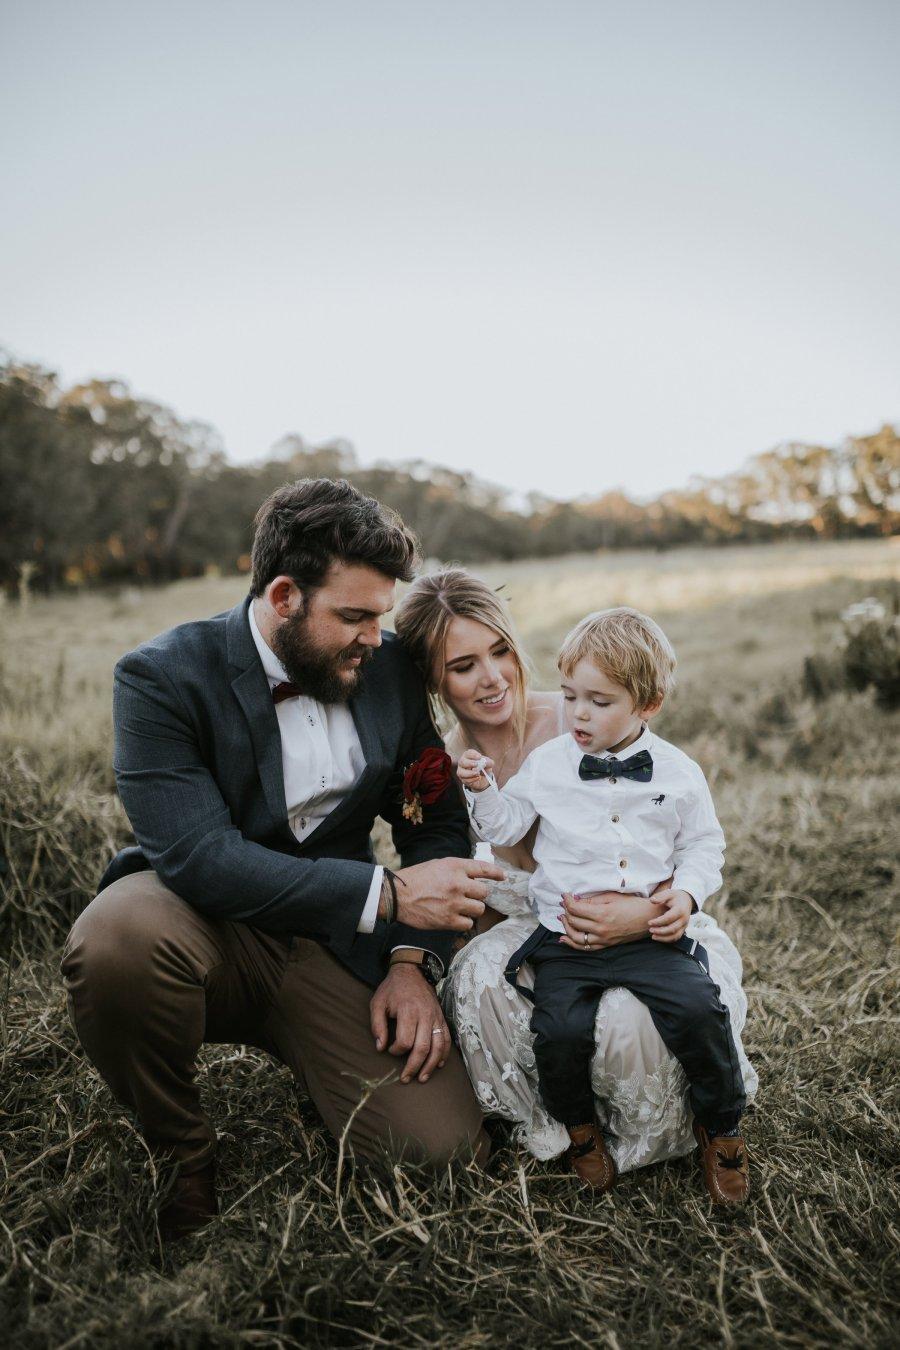 Chapel Farm Wedding Potos | Perth Wedding Photographer | Ebony Blush Photography | Brett + Blythe | 72